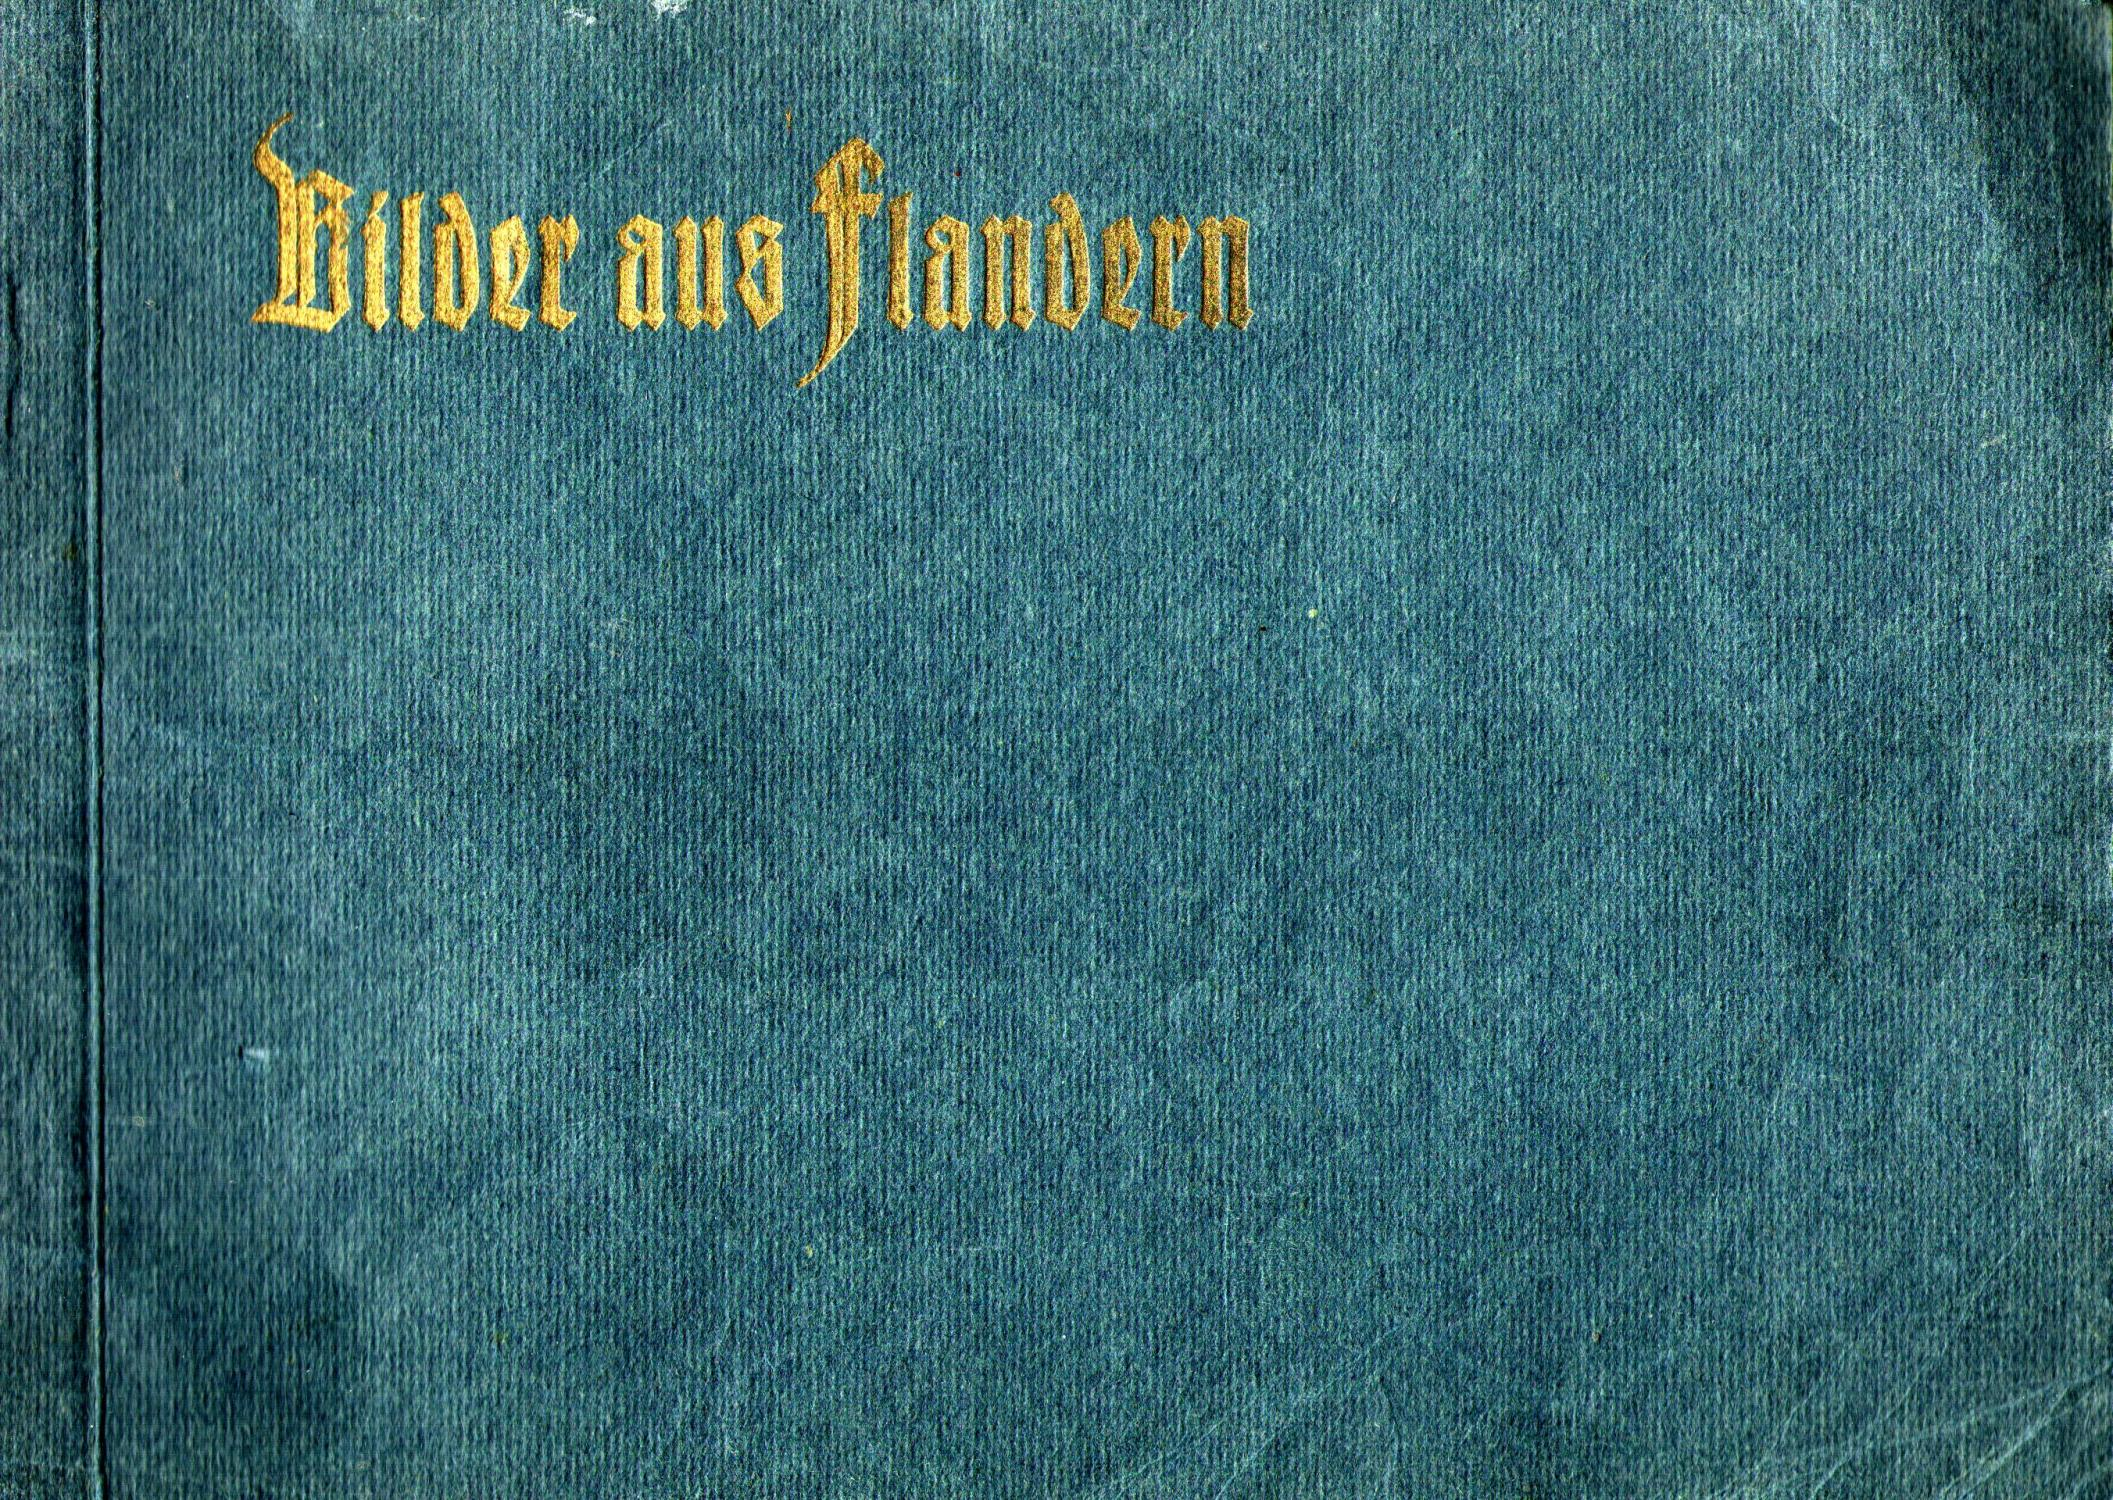 Bilder aus Flandern. 36 Originalzeichnungen .herausgegeben mit Genehmigung des A.O.K. 4 und des Kgl. S. Ministeriums des Innern